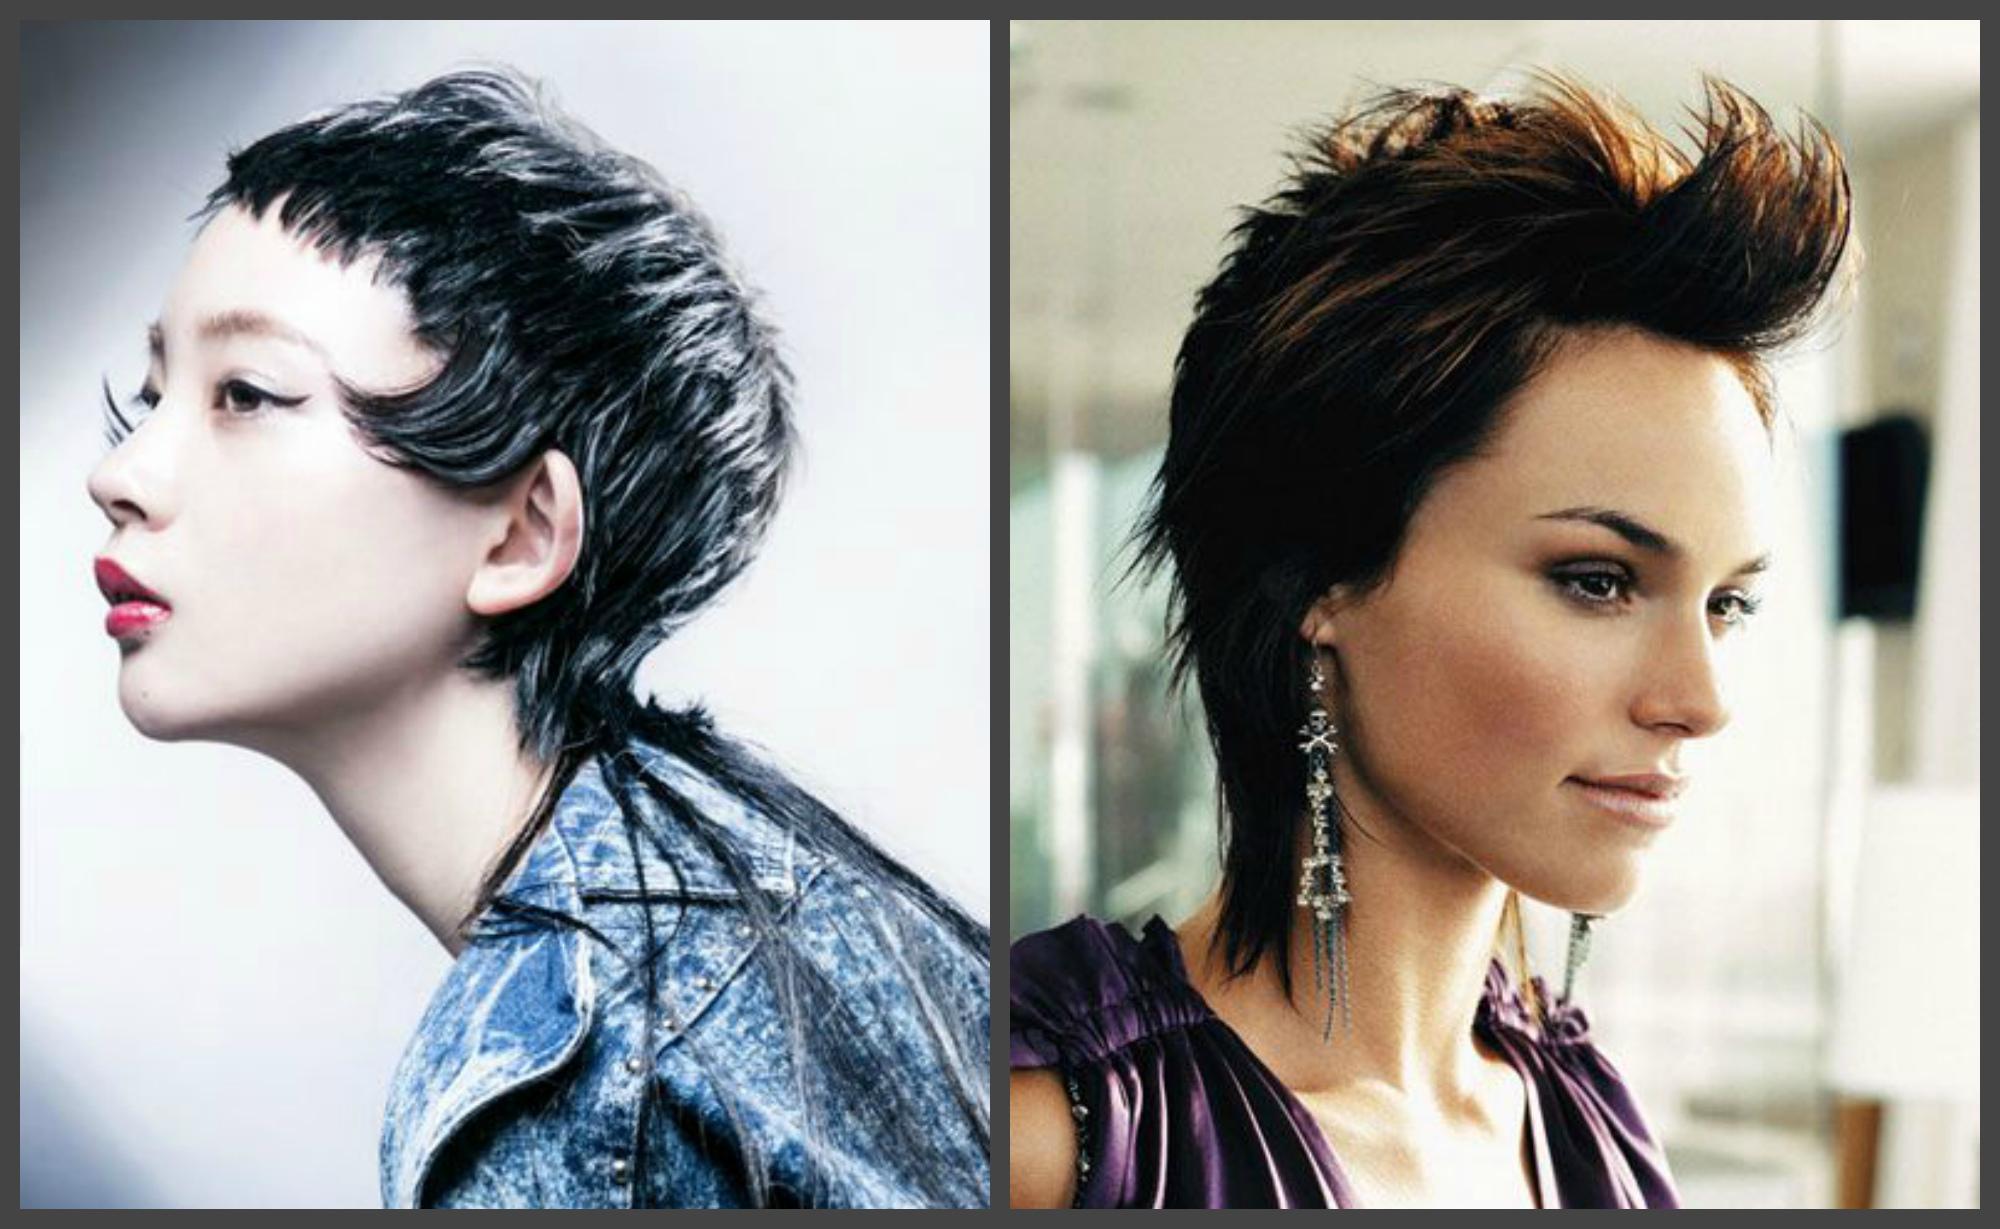 image64-1 | Модные женские стрижки на короткие волосы: основные правила и варианты исполнения